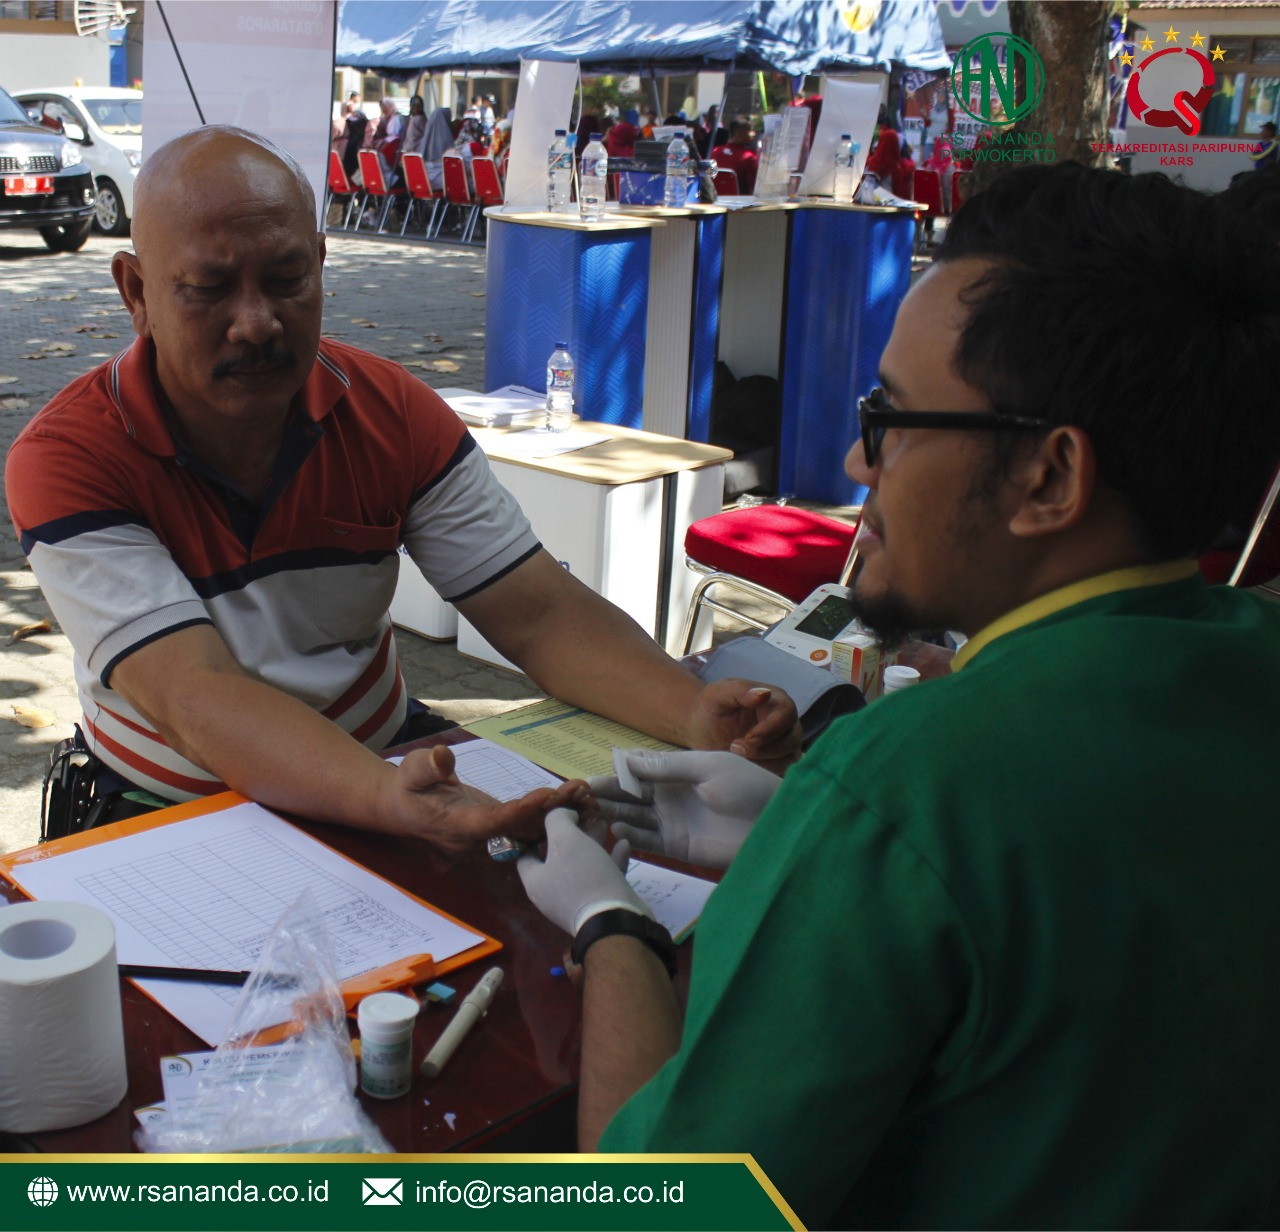 medical check up rs ananda purwokerto Medical Check up RS Ananda Purwokerto WhatsApp Image 2018 08 25 at 09